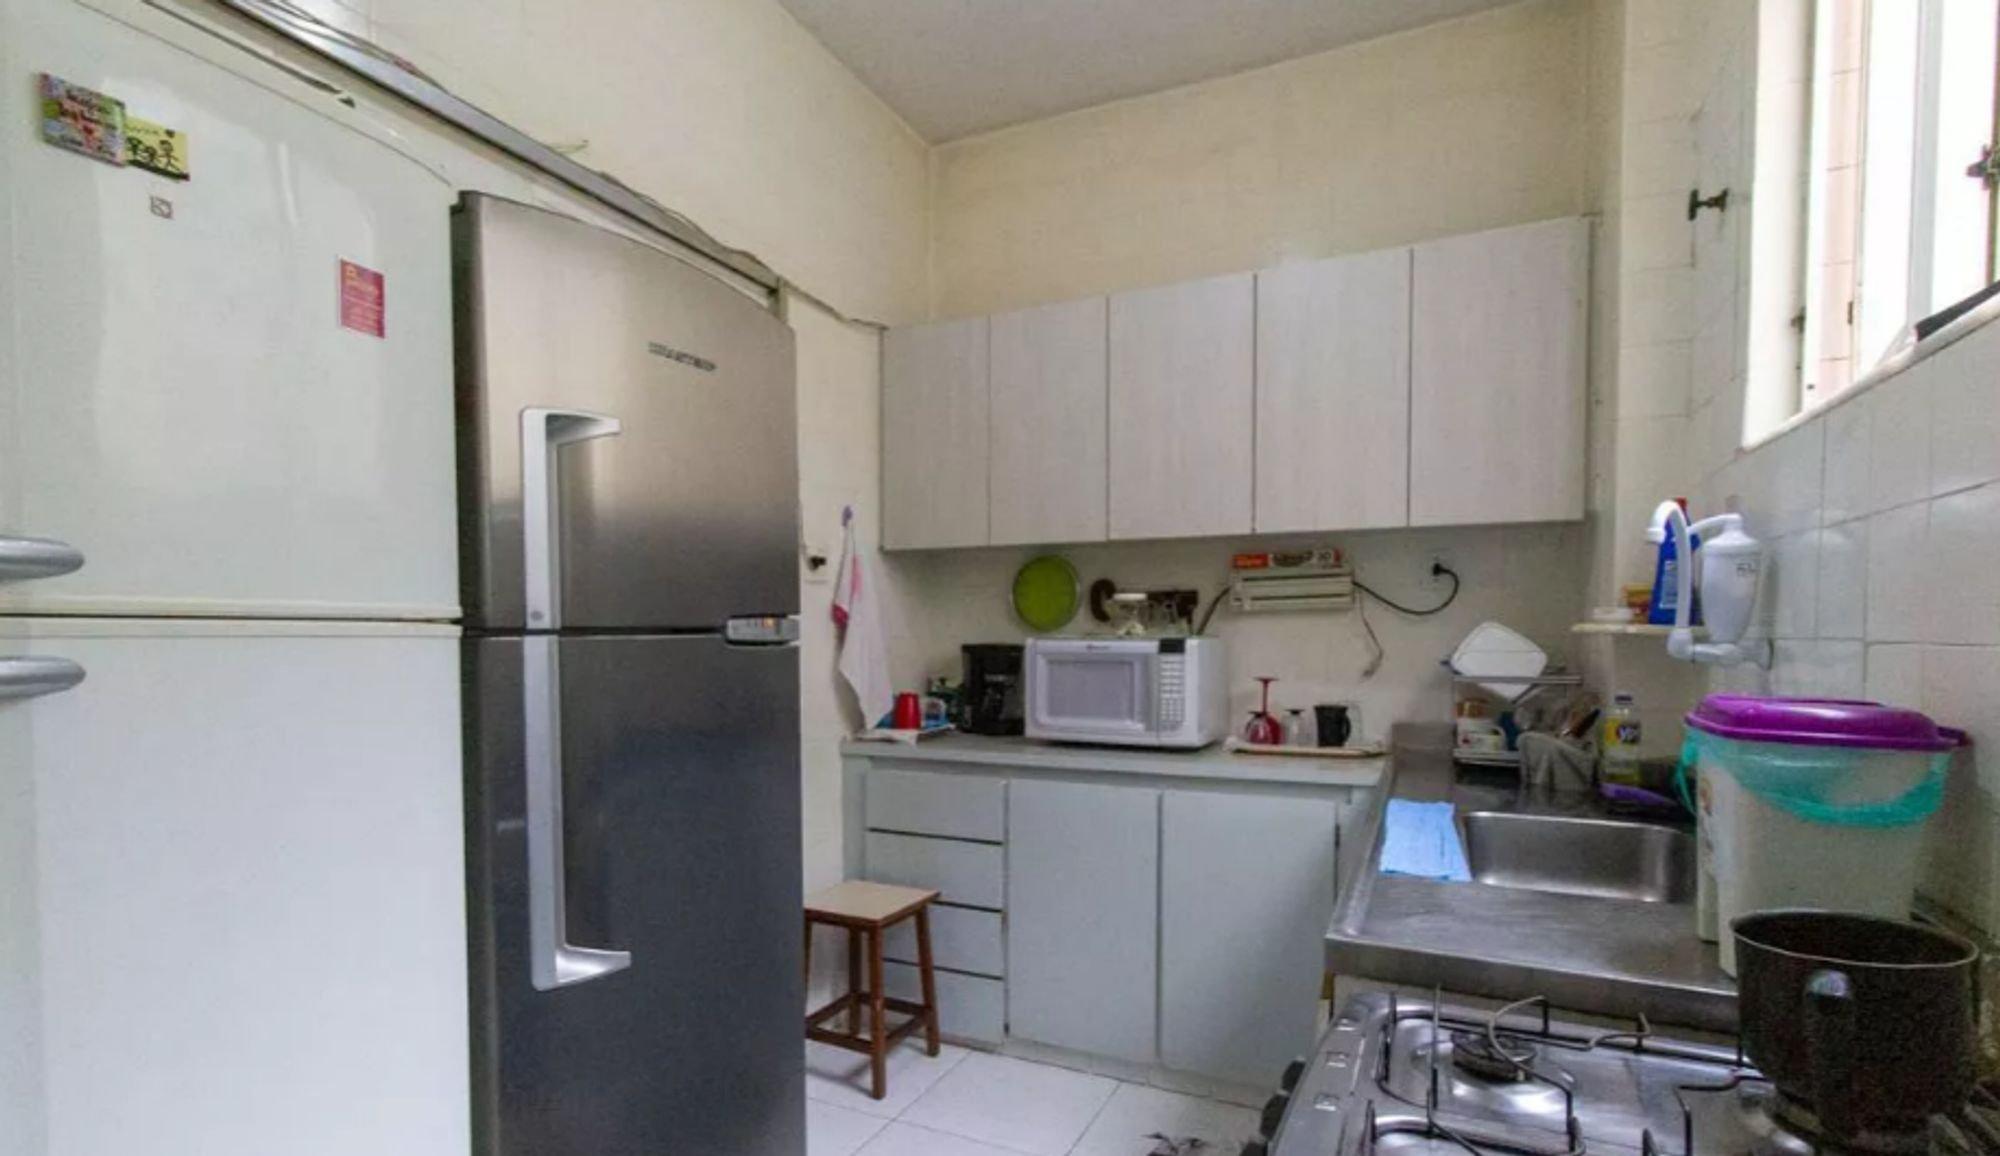 Foto de Cozinha com forno, pia, cadeira, garrafa, geladeira, microondas, xícara